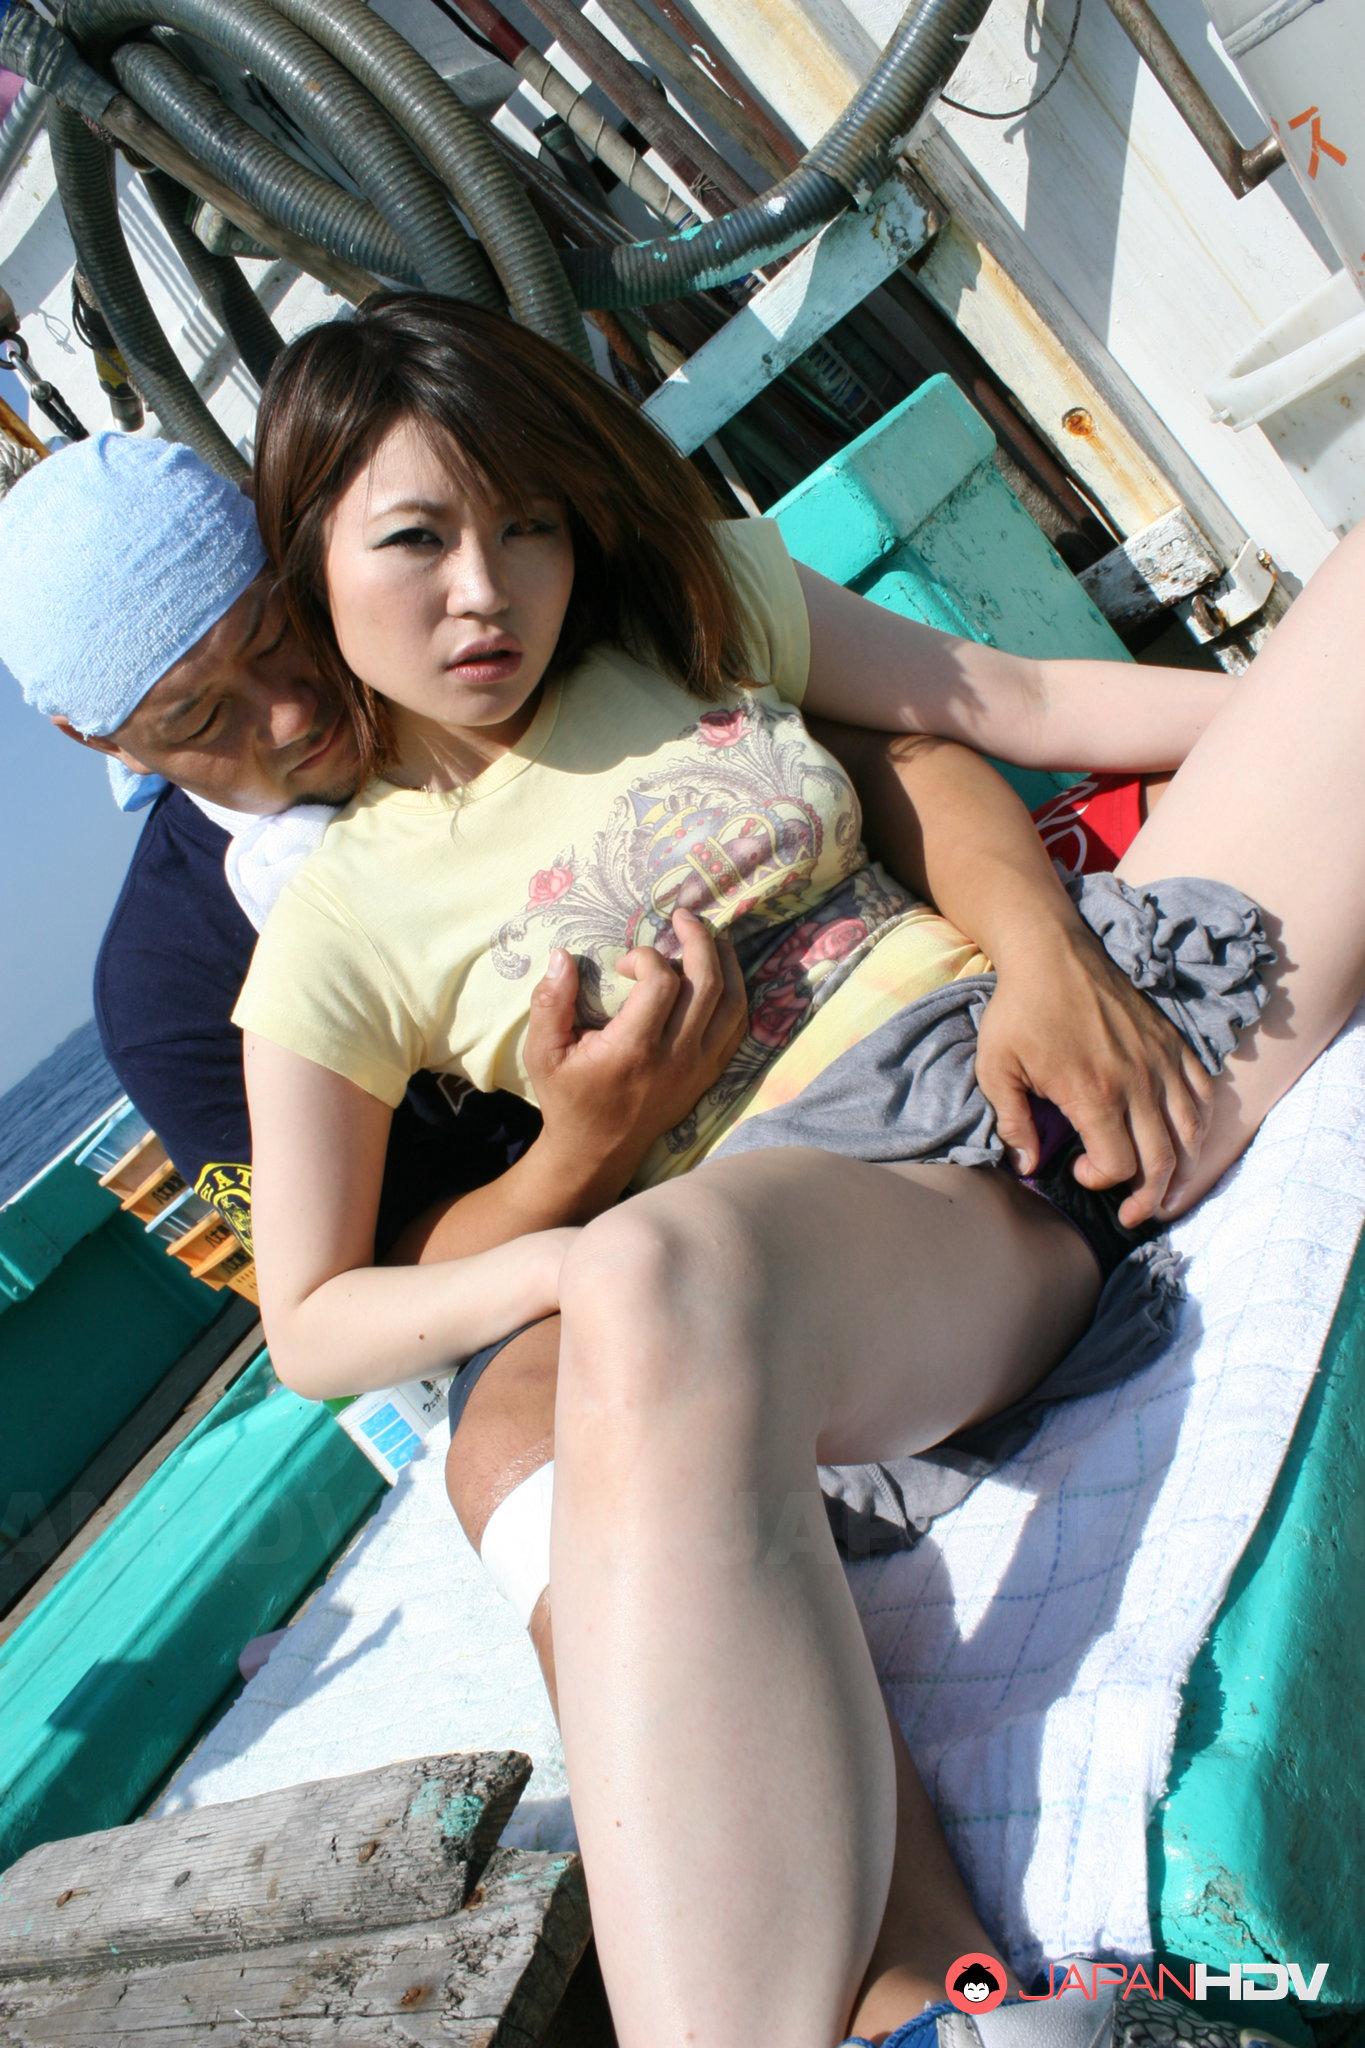 Big boobs miki uemura amazing sex in romantic scenes 4